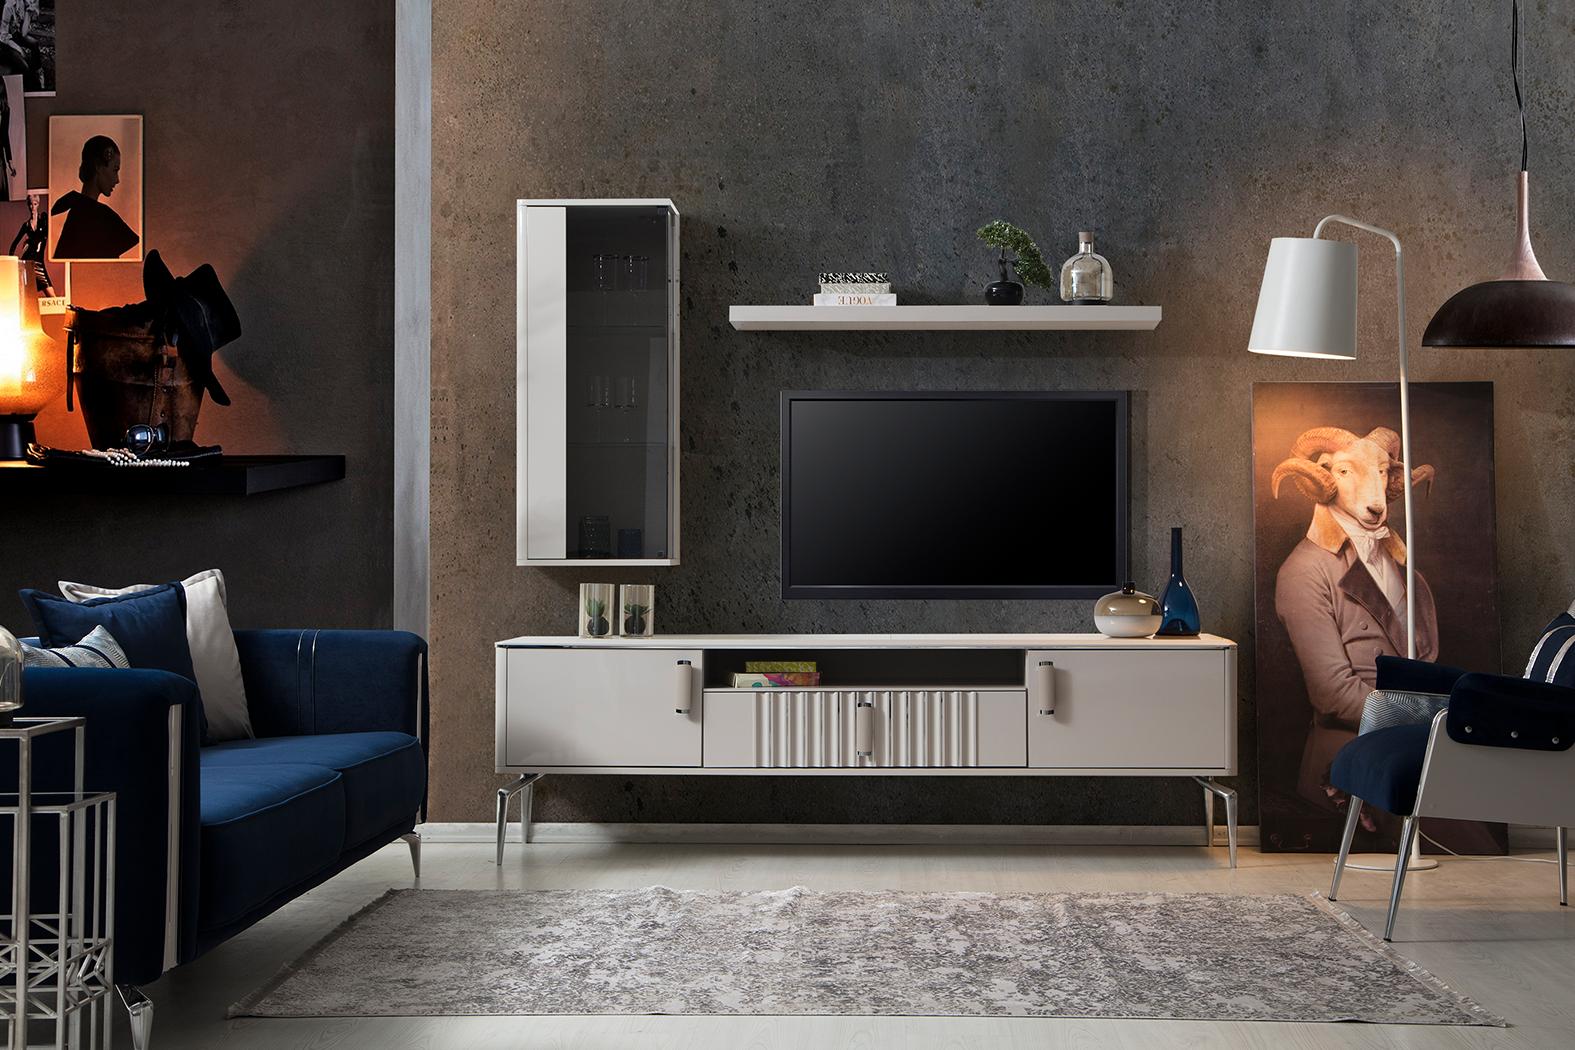 armani-tv-unitesi-001 (3)